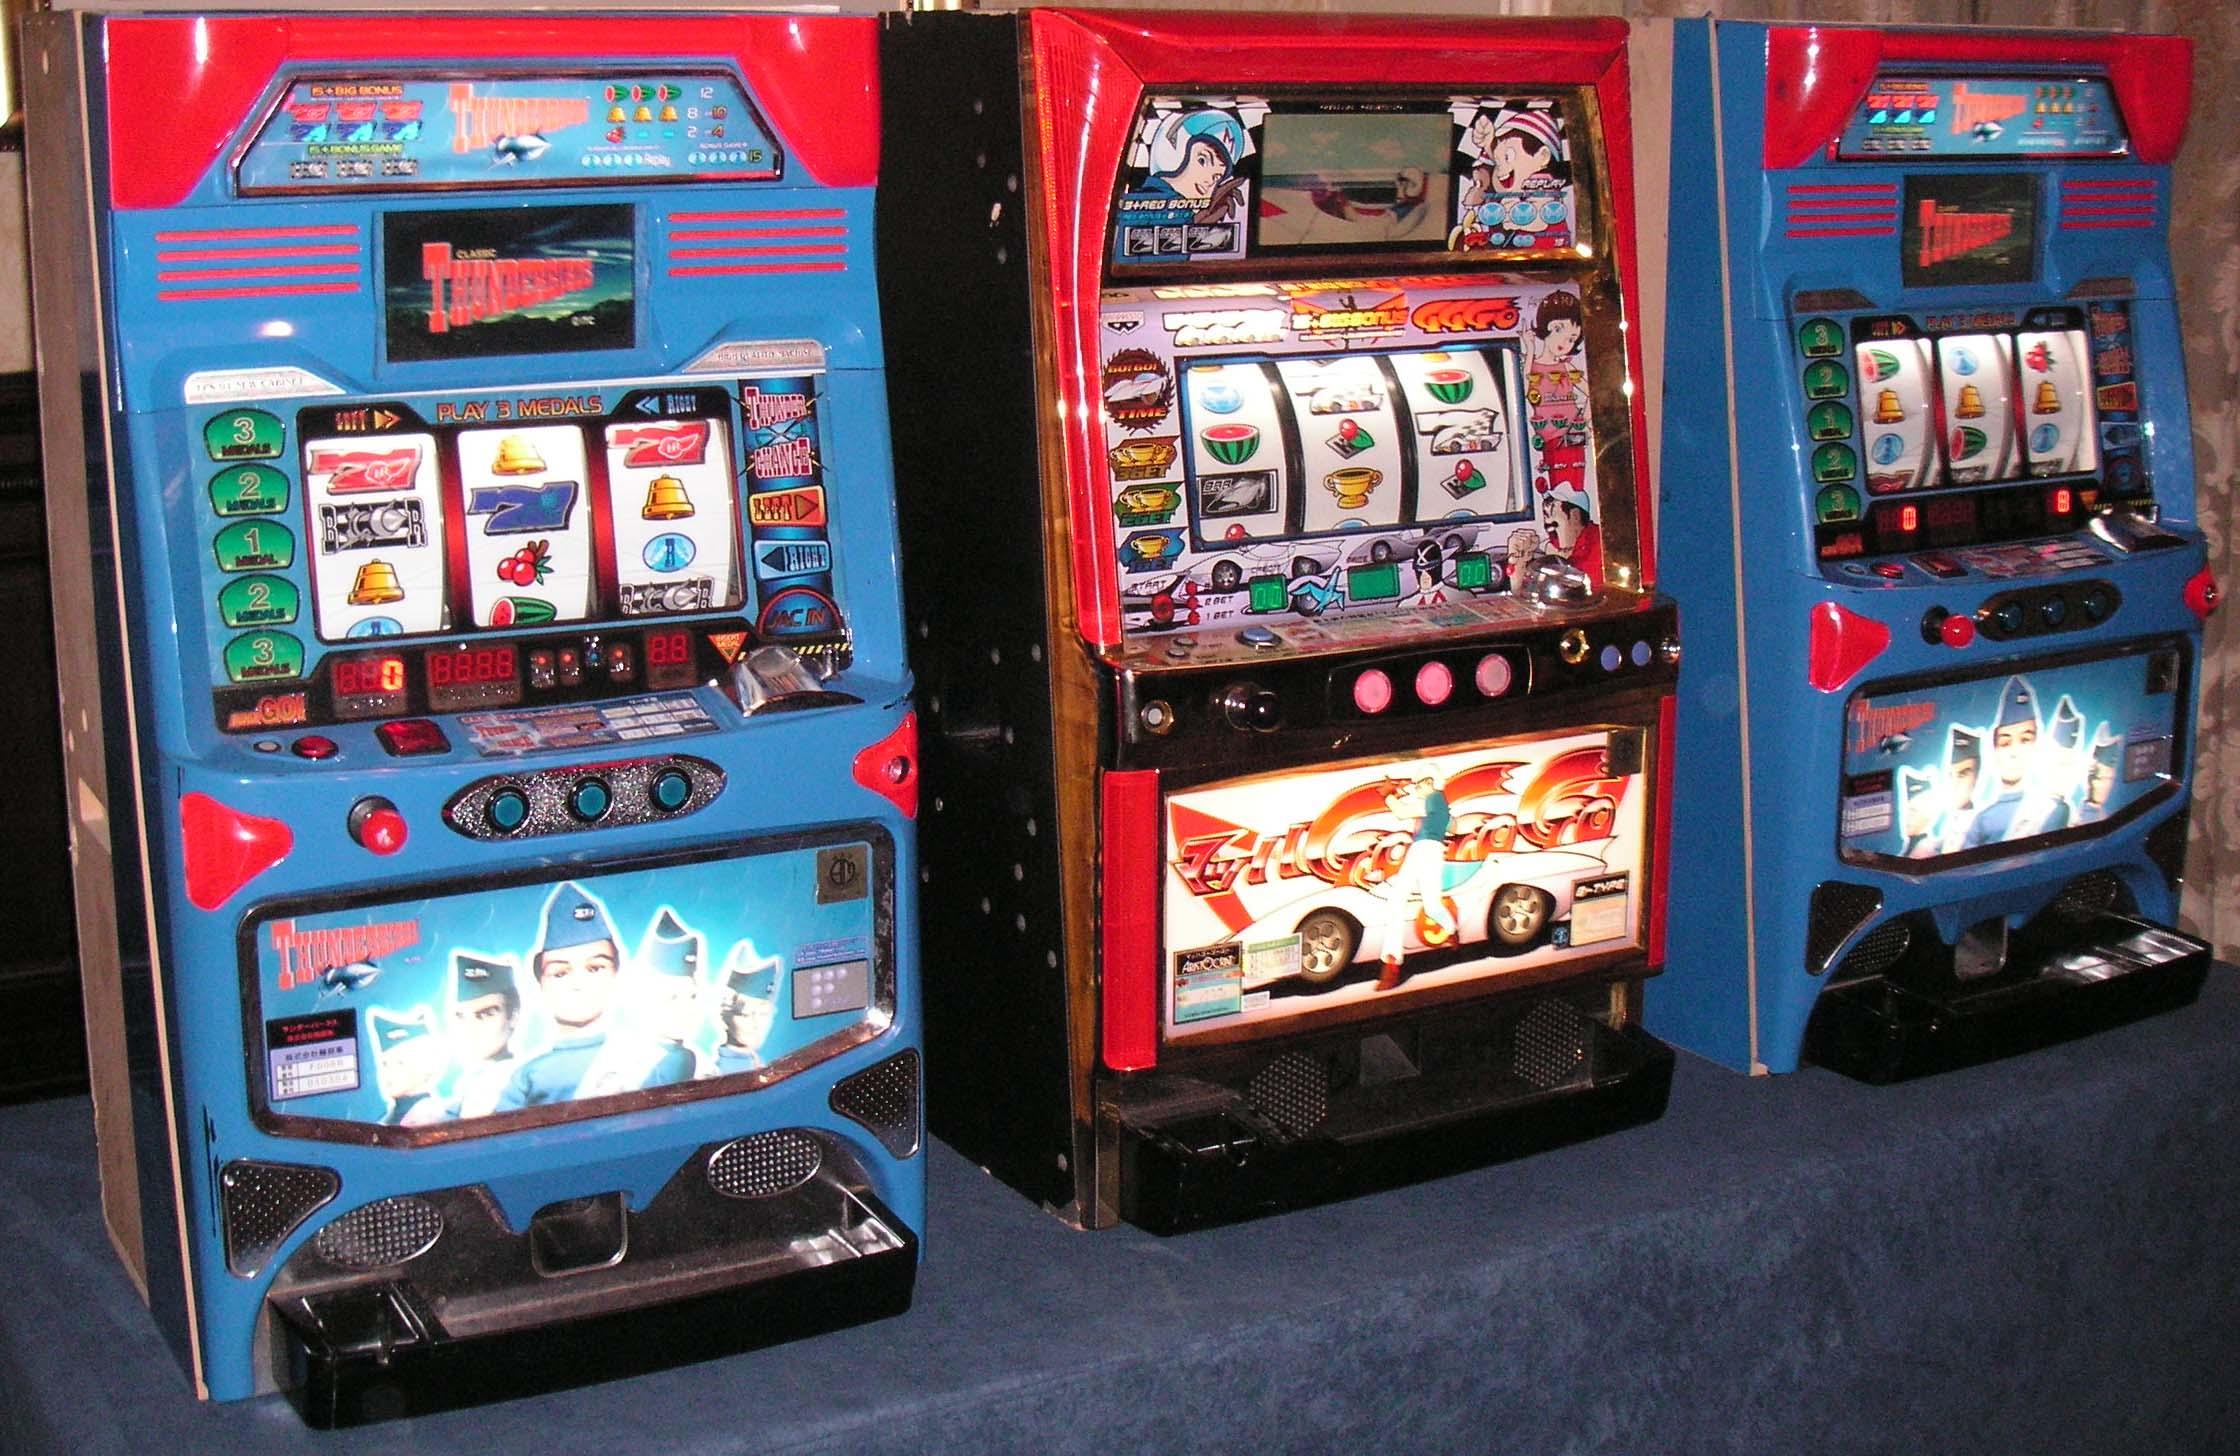 Paysafecard por casino como funcionan las apuestas 2 a 1-347890